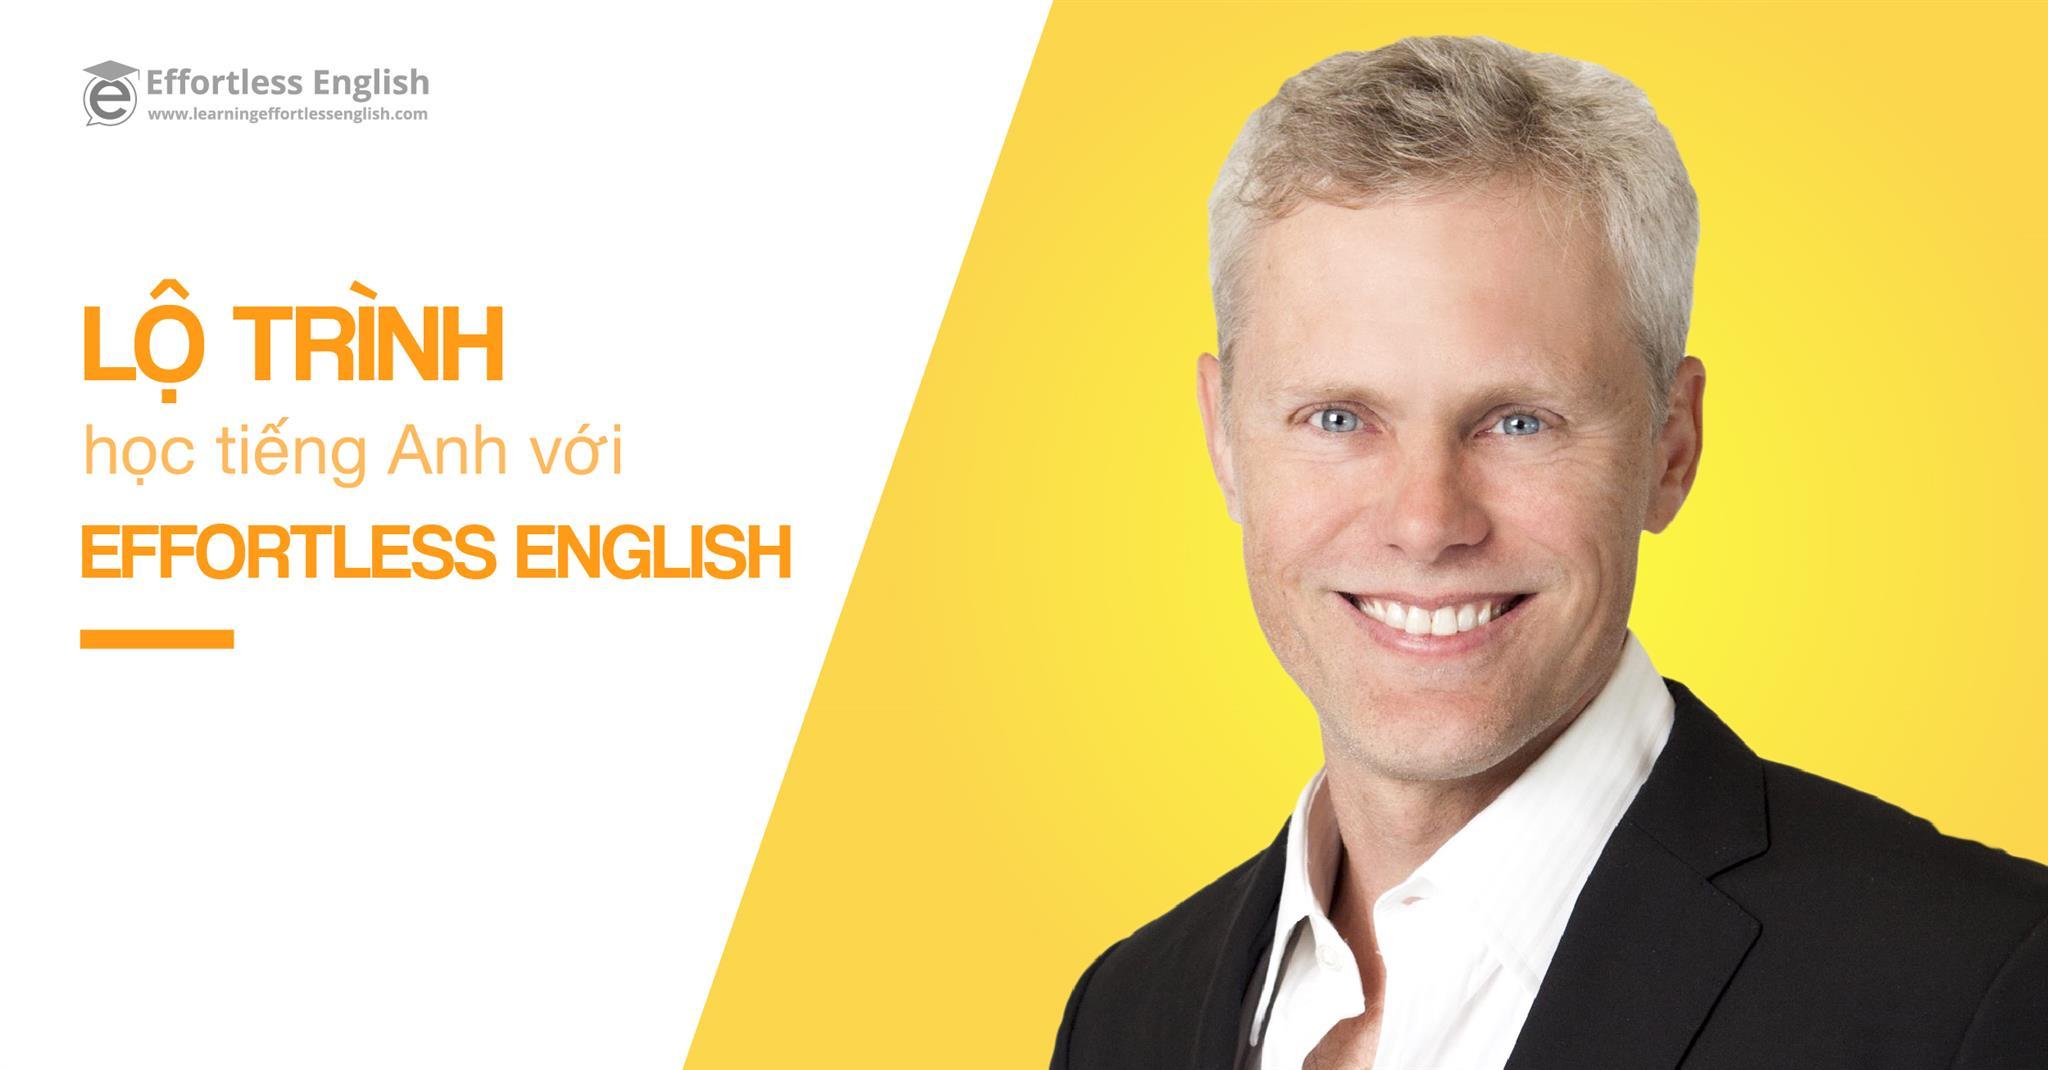 Lộ trình học Effortless English từ cơ bản đến nâng cao